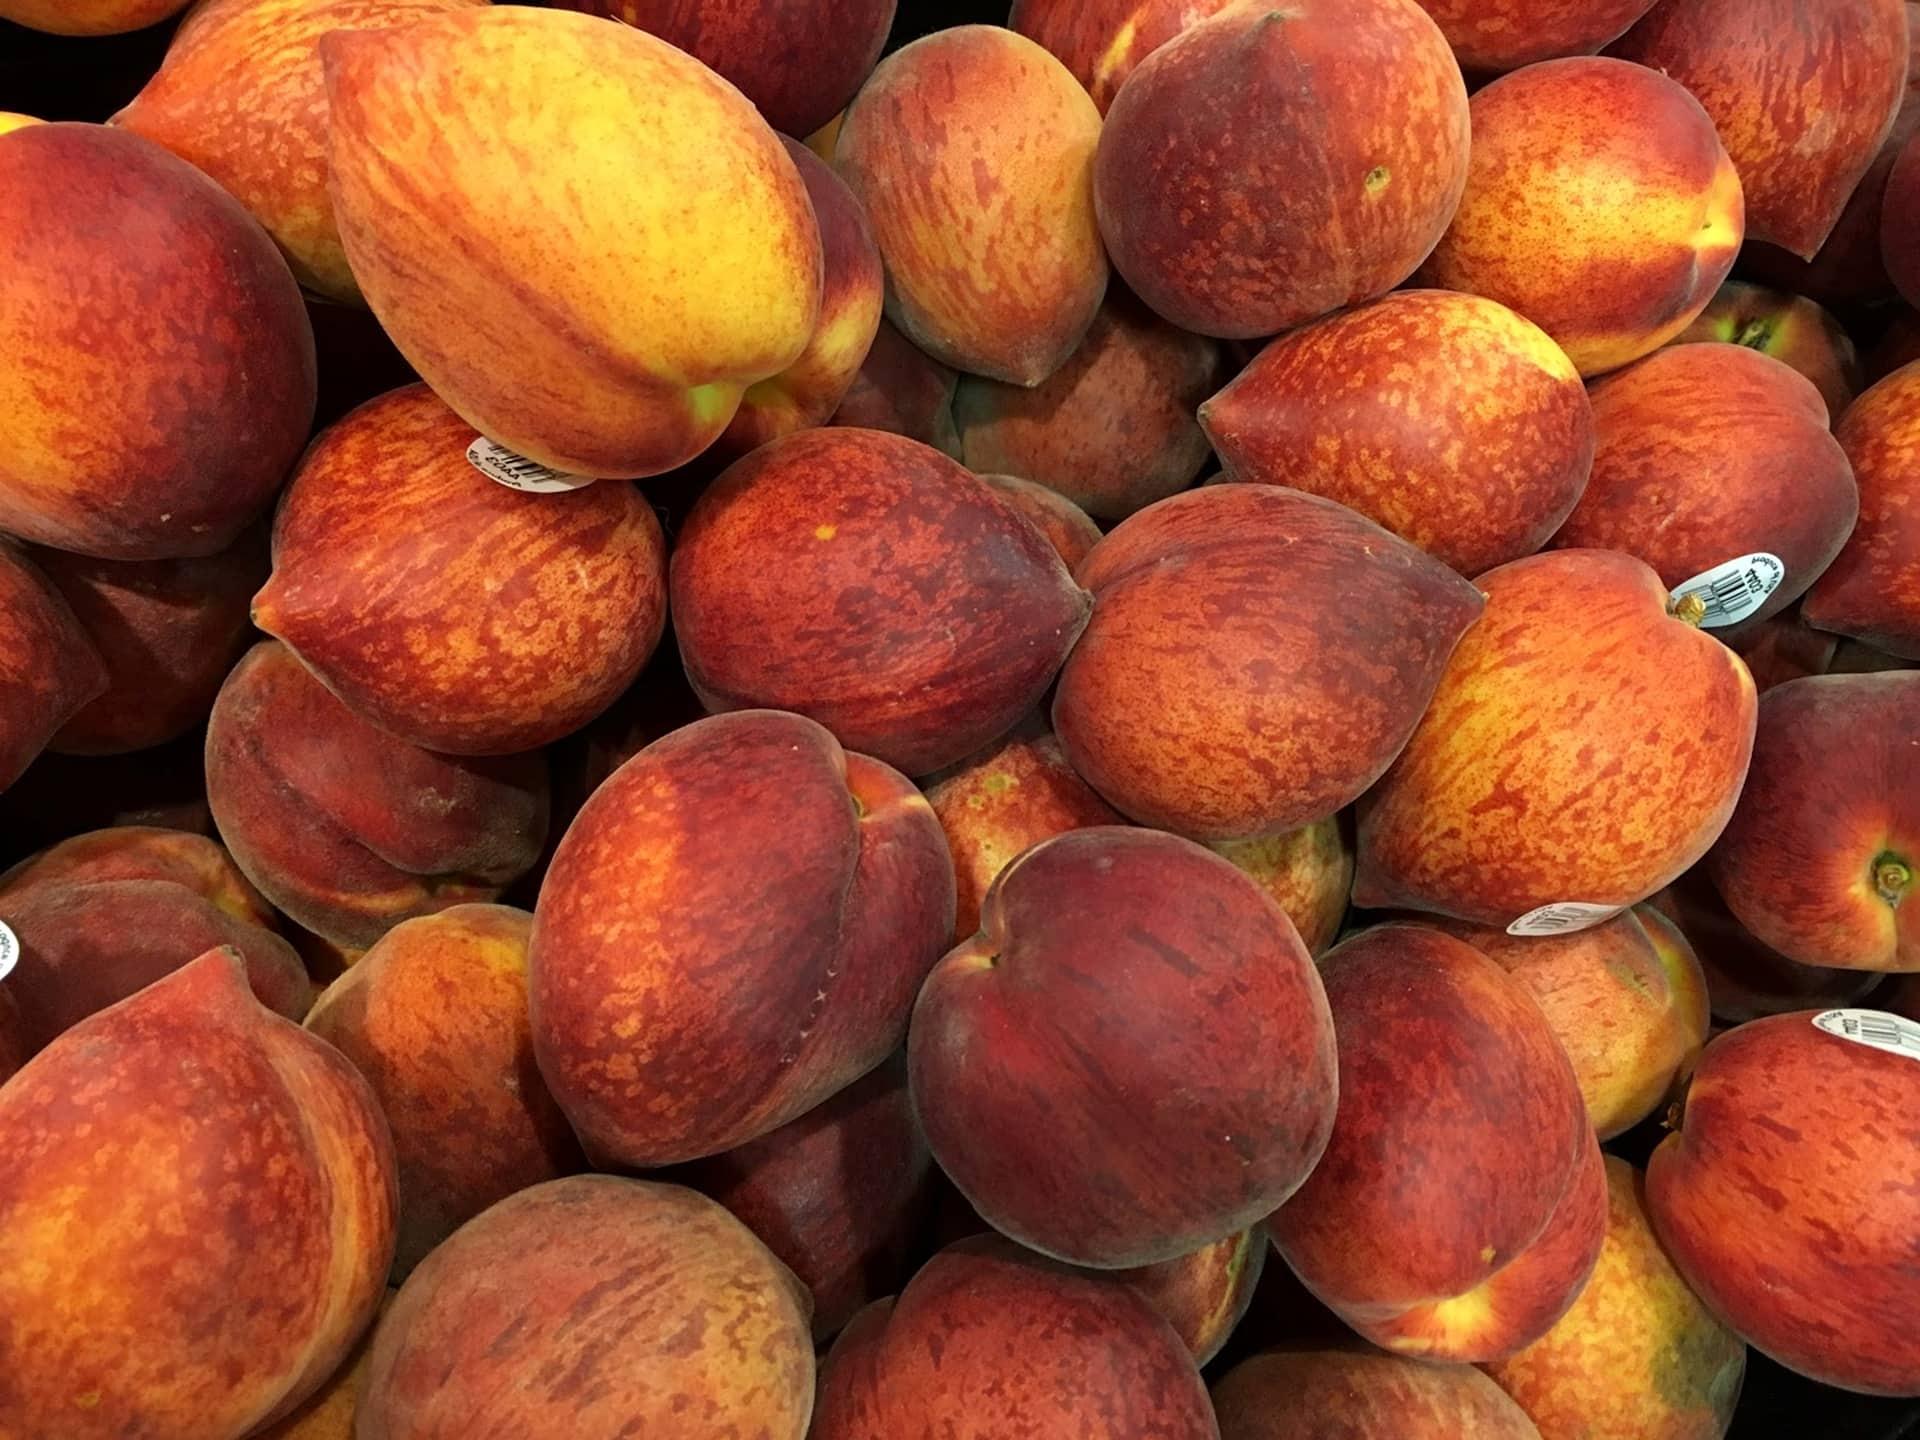 Darmowy Obraz Brzoskwinia Owoce Produkcji Jedzenie Zdrowe